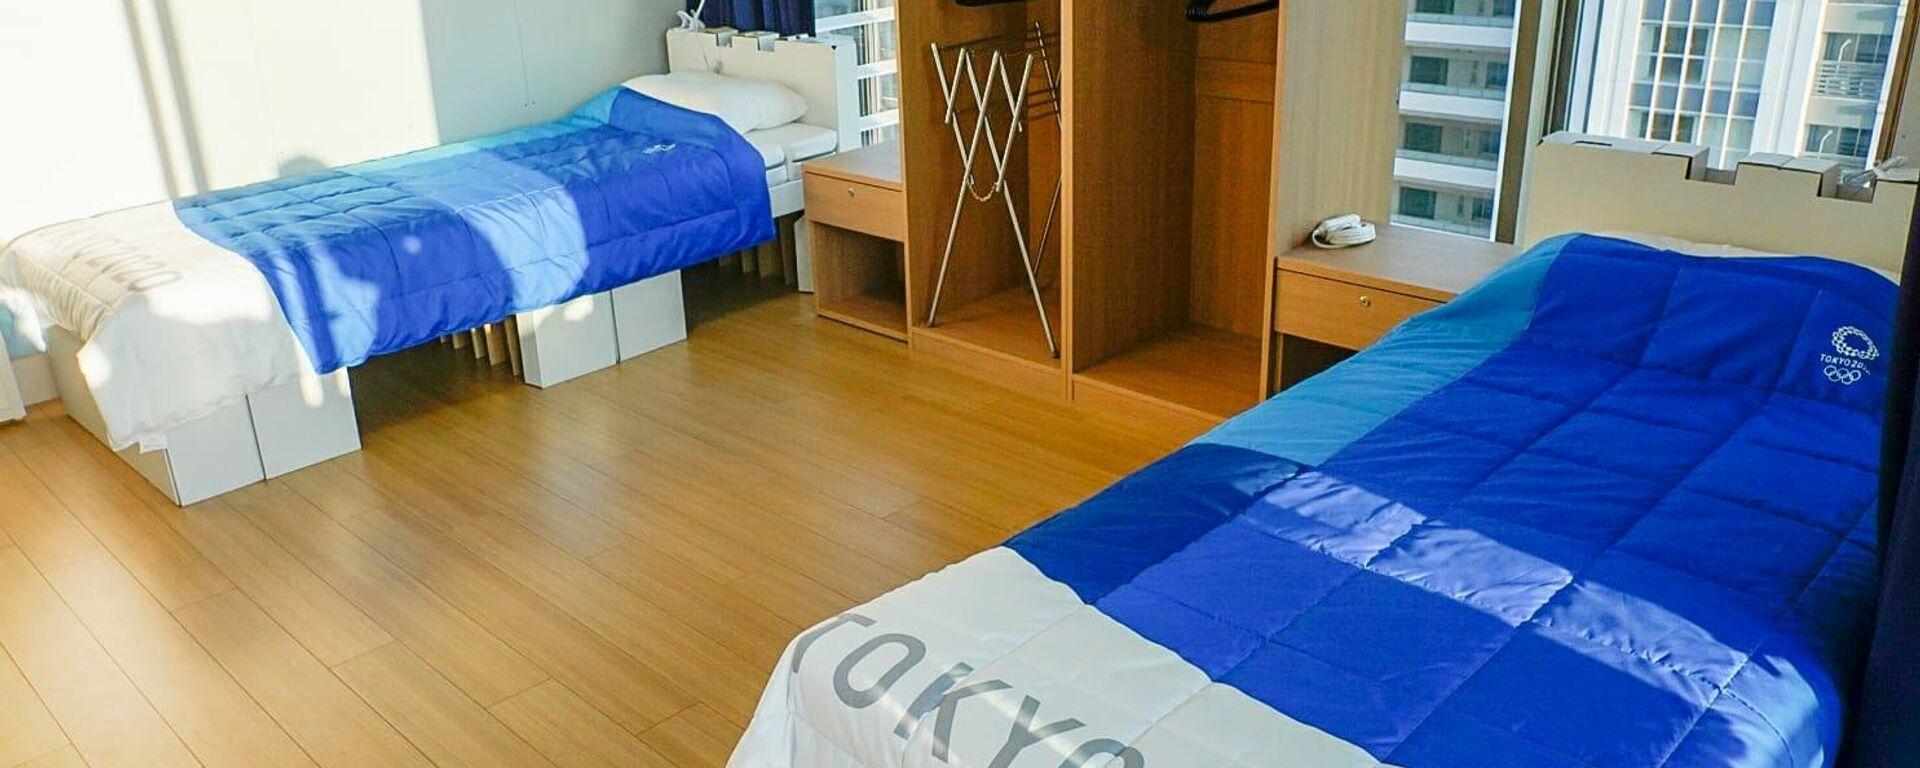 Las camas reciclables en la Villa Olímpica de Tokio - Sputnik Mundo, 1920, 17.07.2021